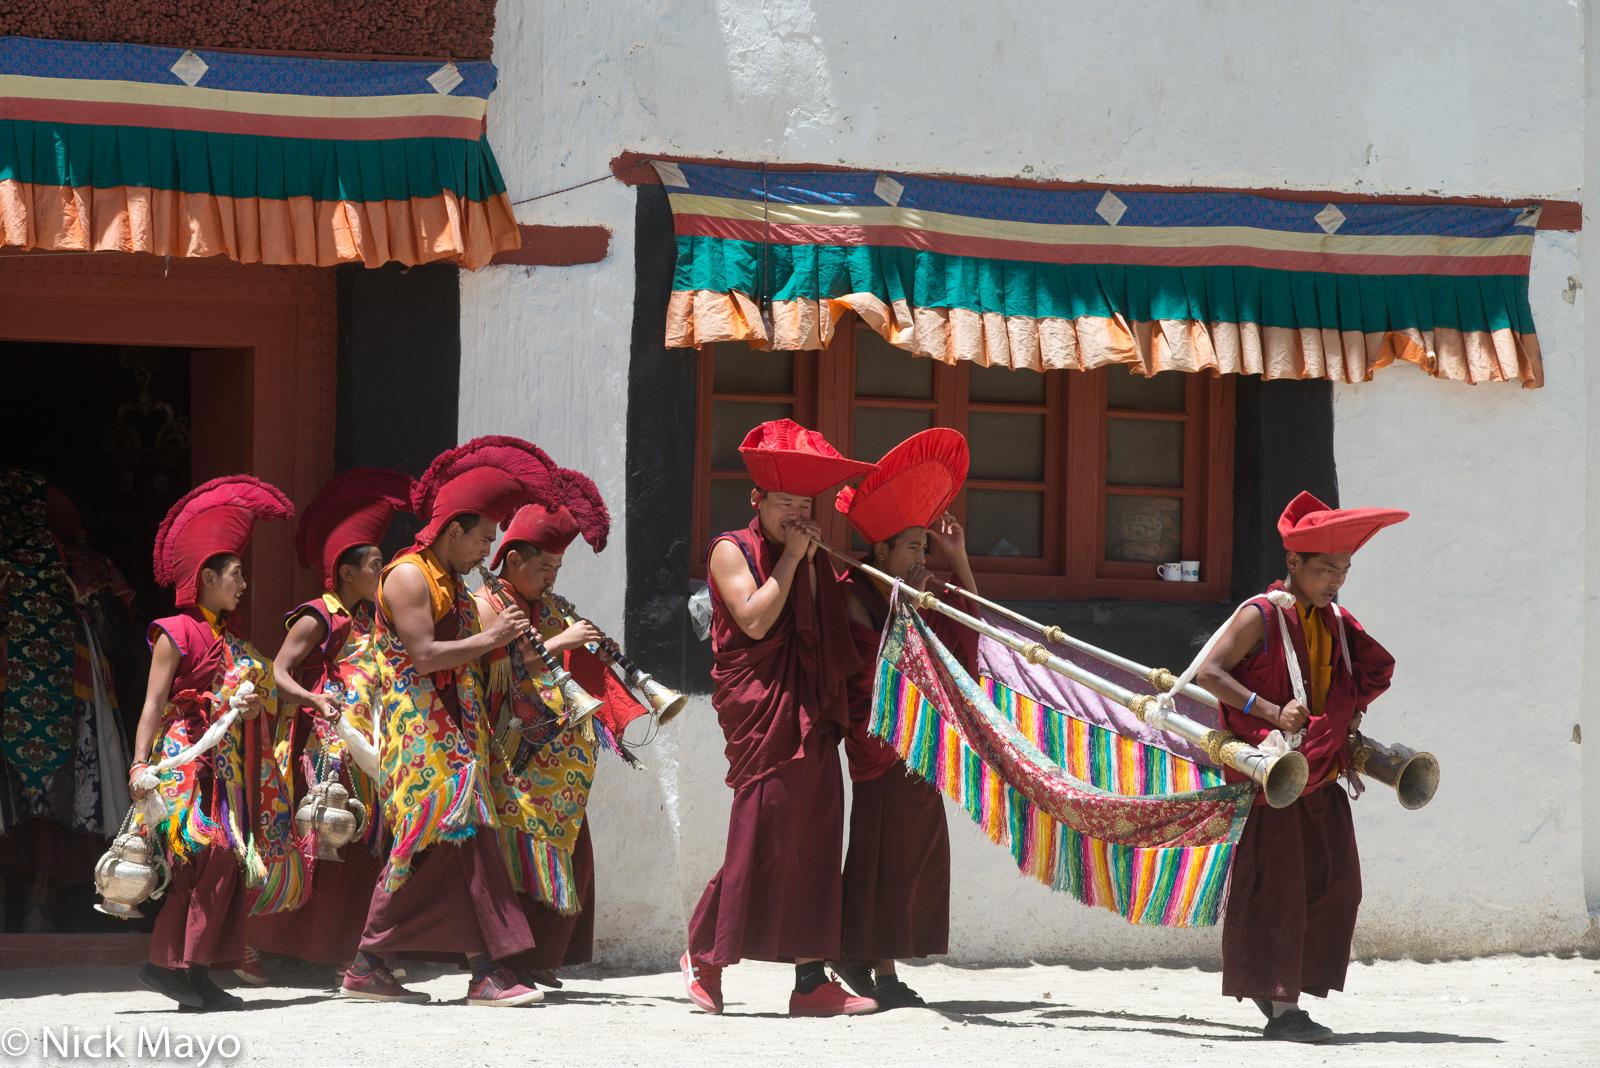 Censer, Festival, Horn, India, Jammu & Kashmir, Monk, photo